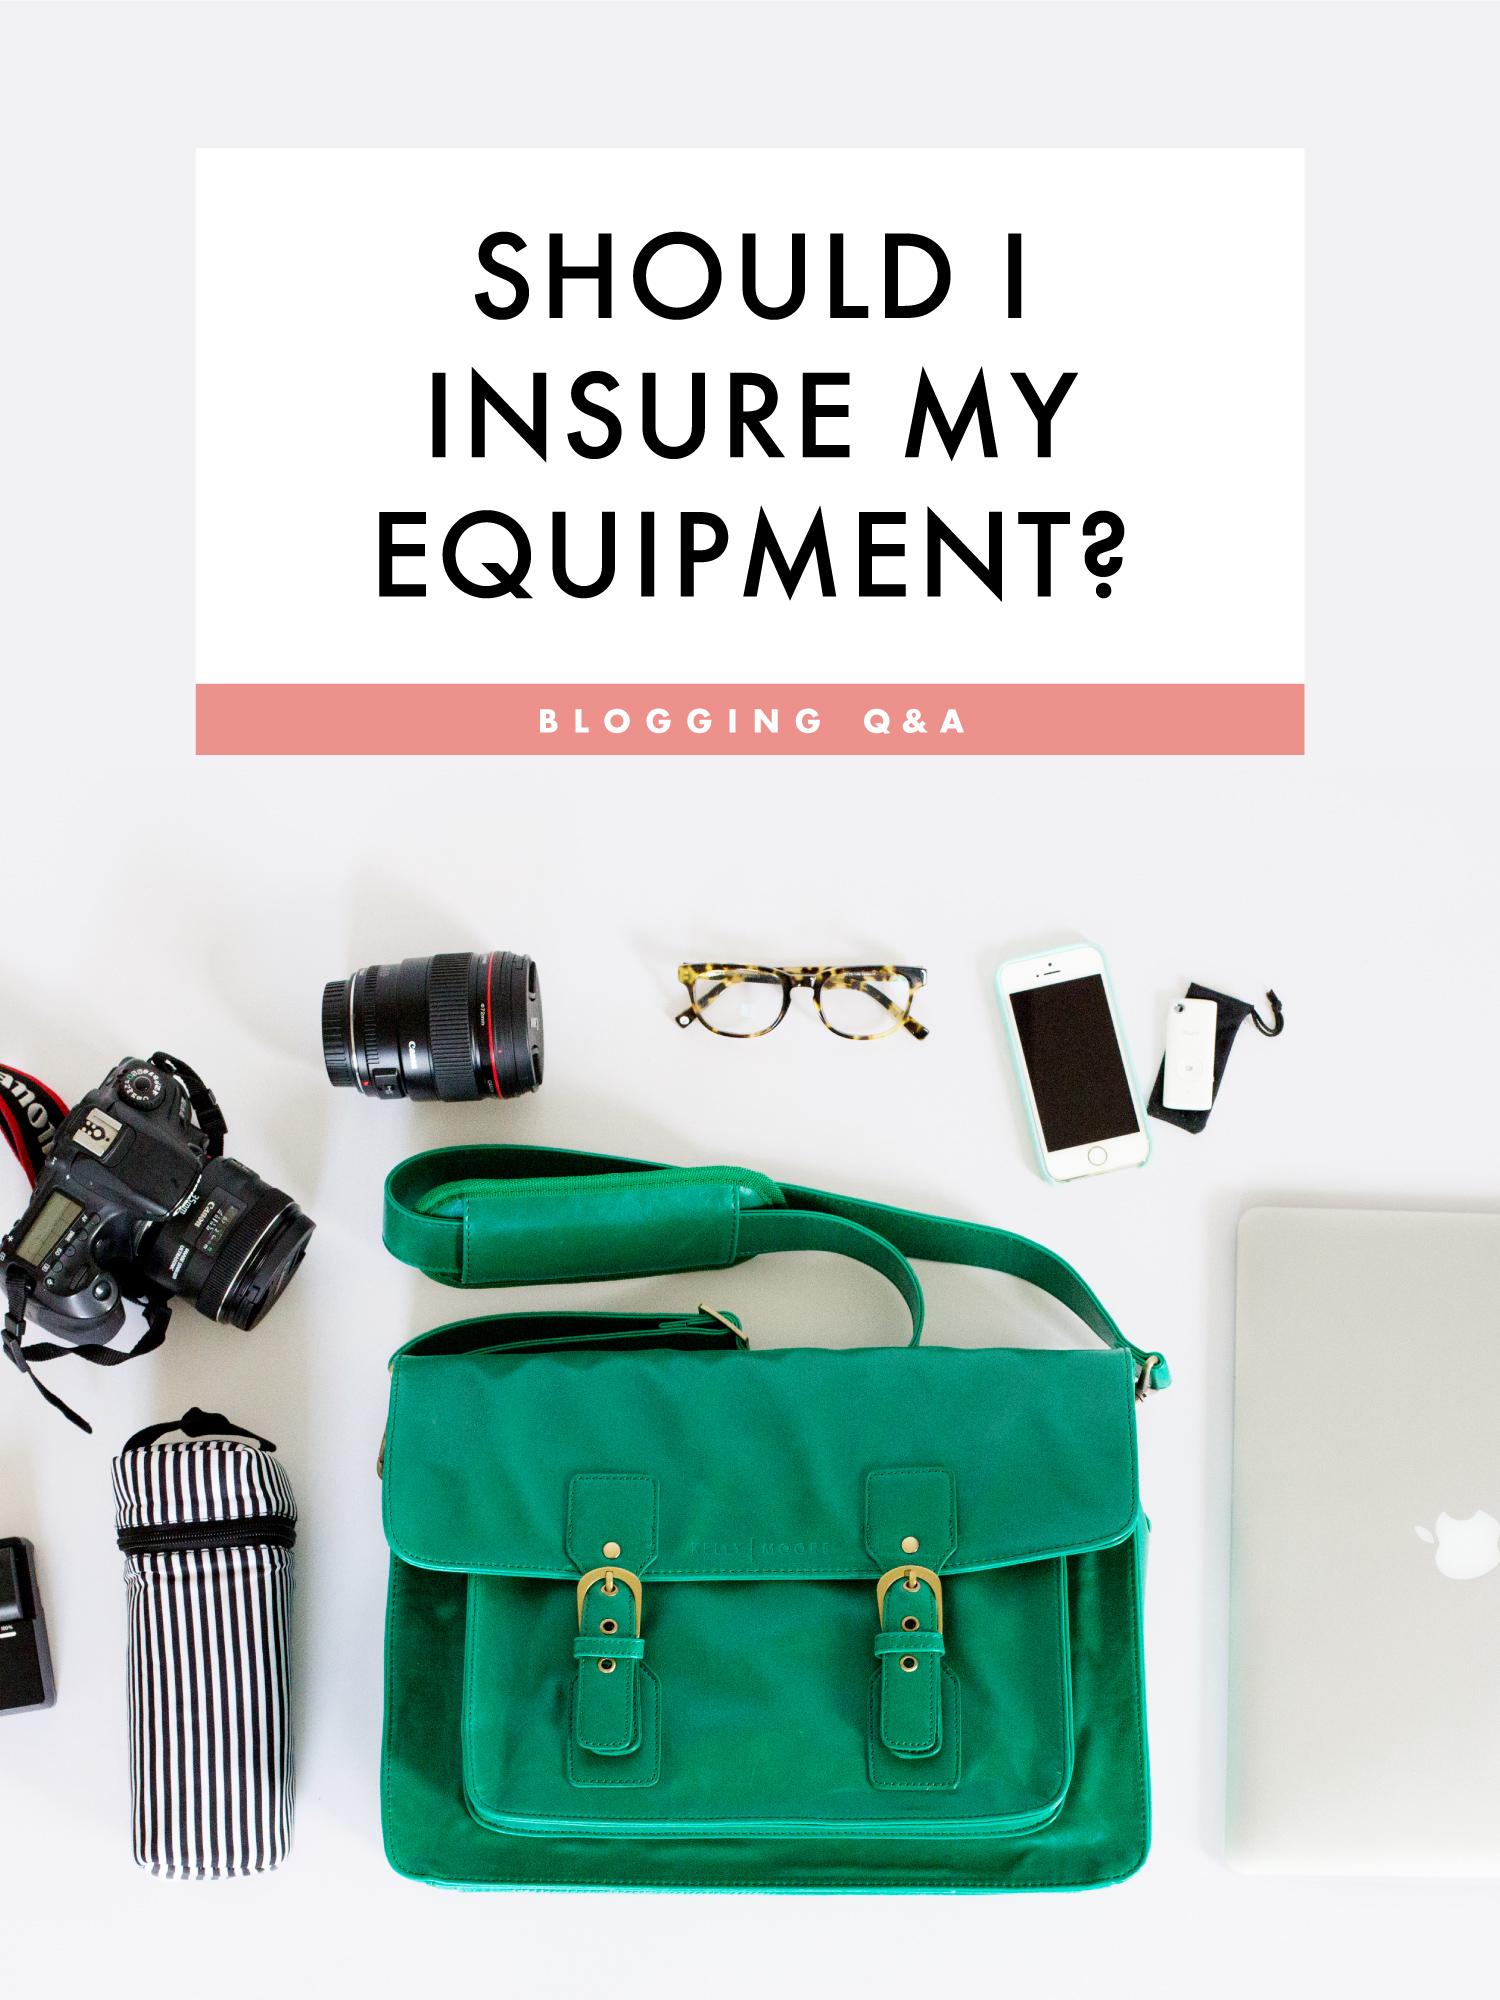 Should I insure my equipment